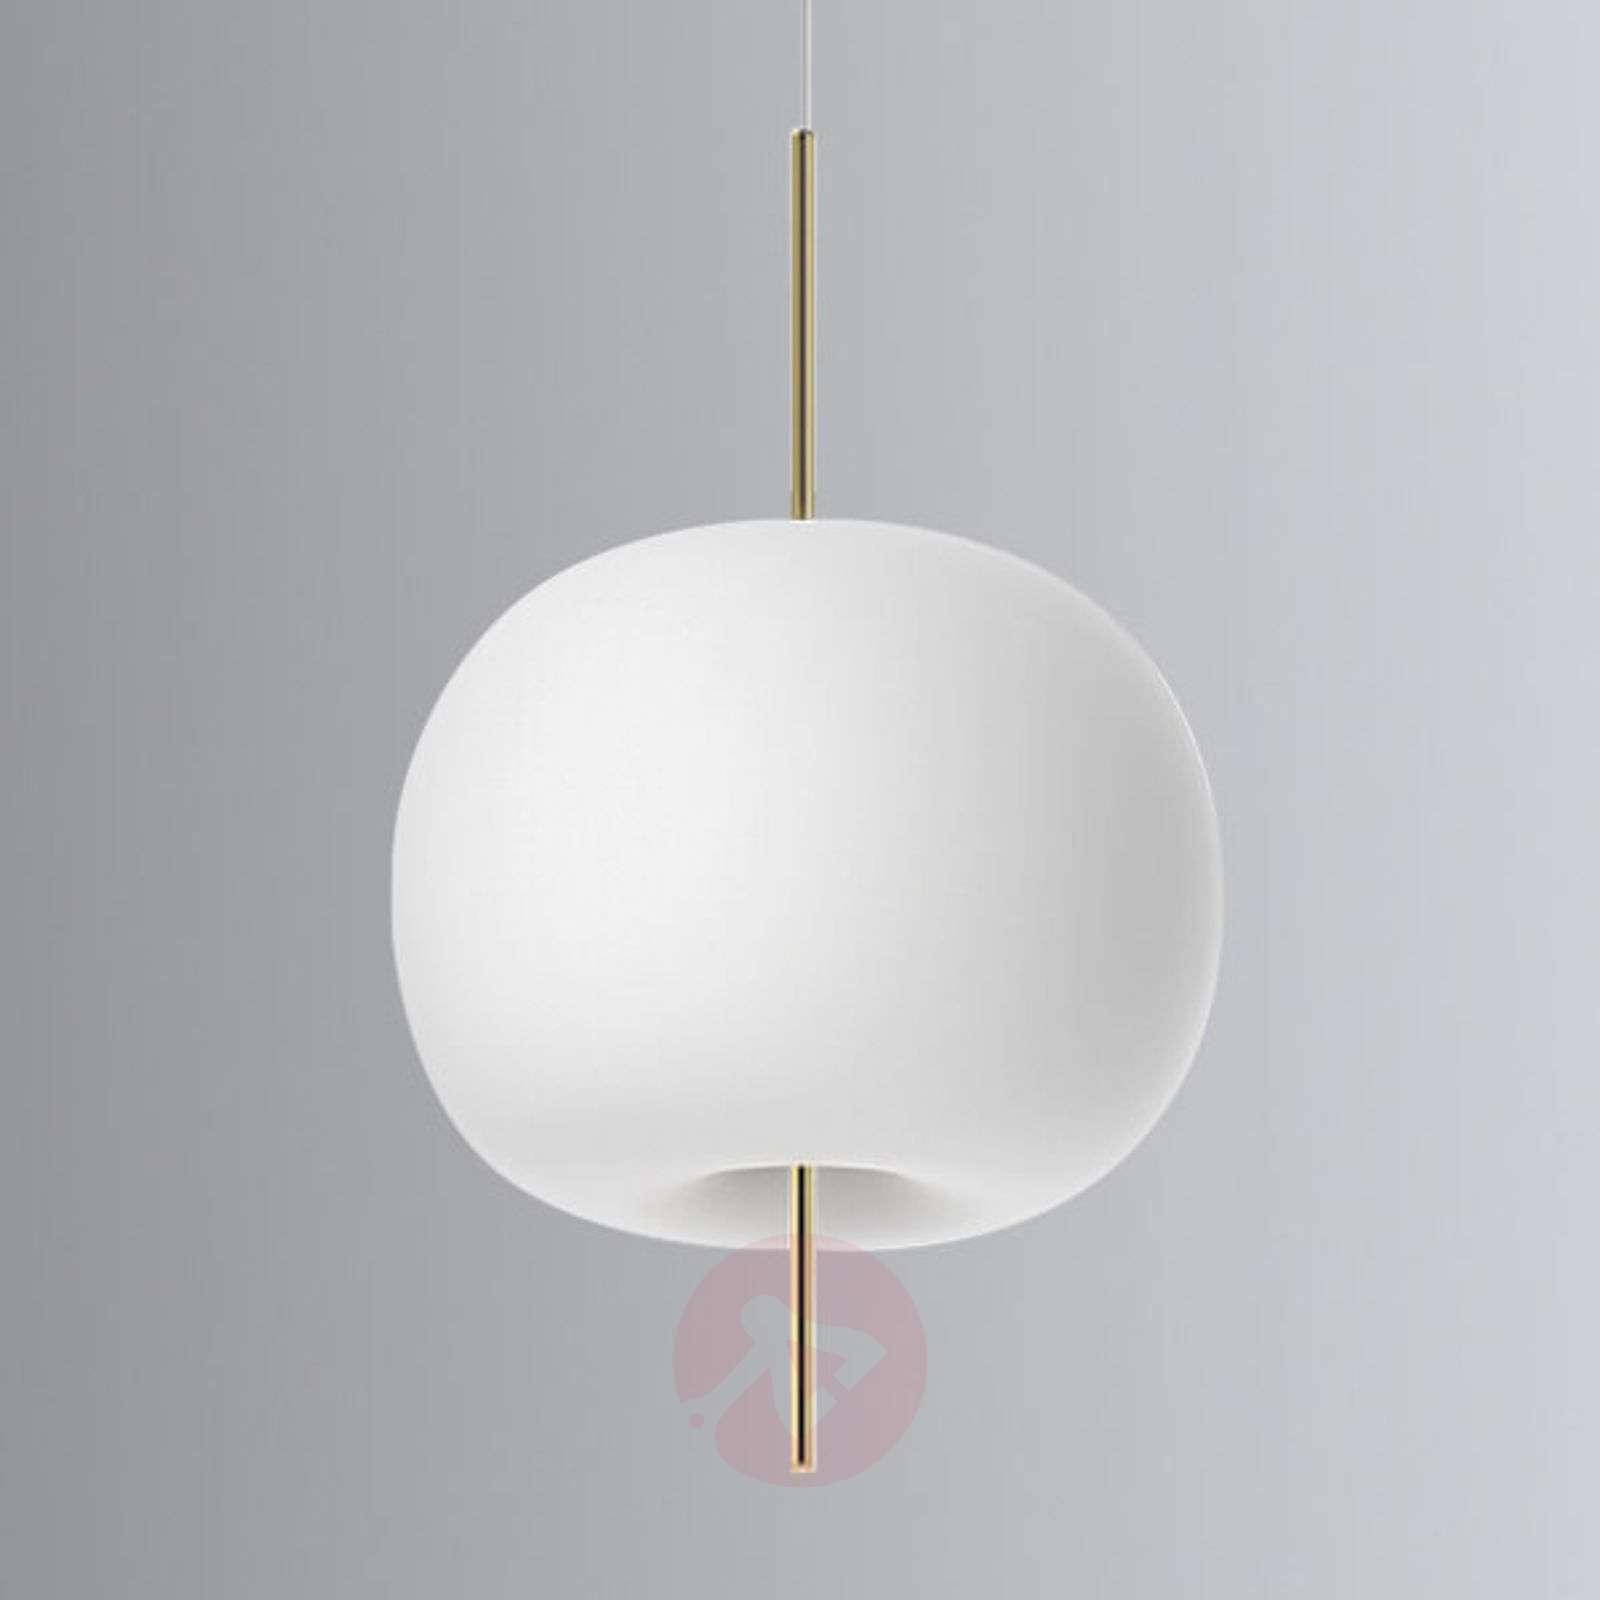 Kundalini Kushi – LED-riippuvalaisin messinki-5520183X-09